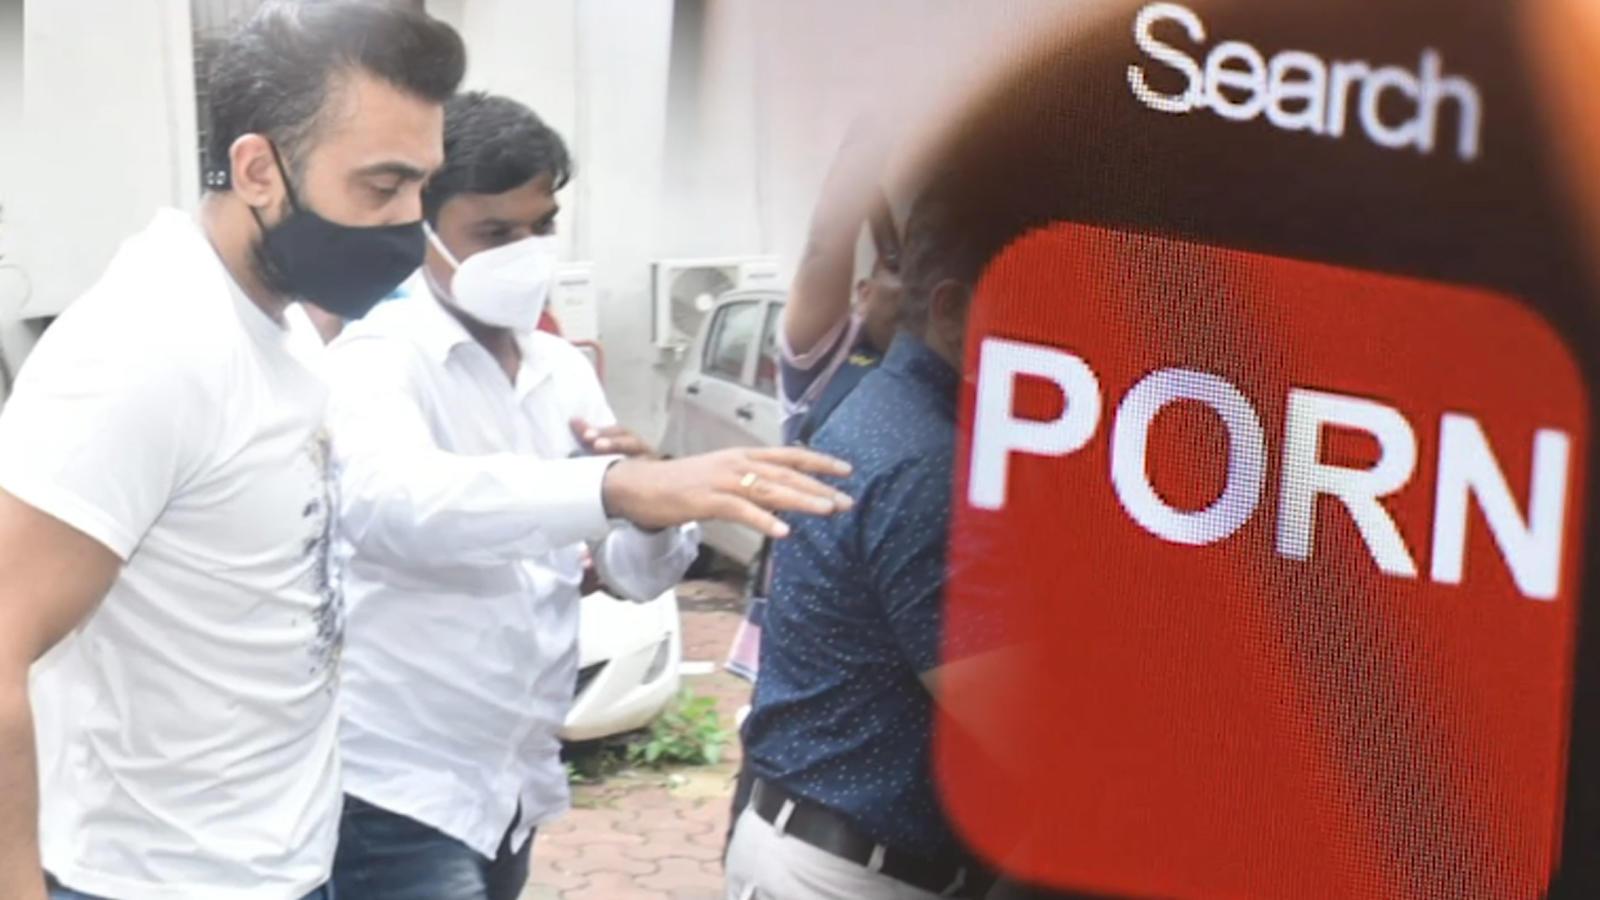 Raj Kundra Porn Scandal: 5 महीने में Kundra के ऐप ने कमाए 1.17 करोड़ रुपए, Crime Branch Cell ने किया दावा